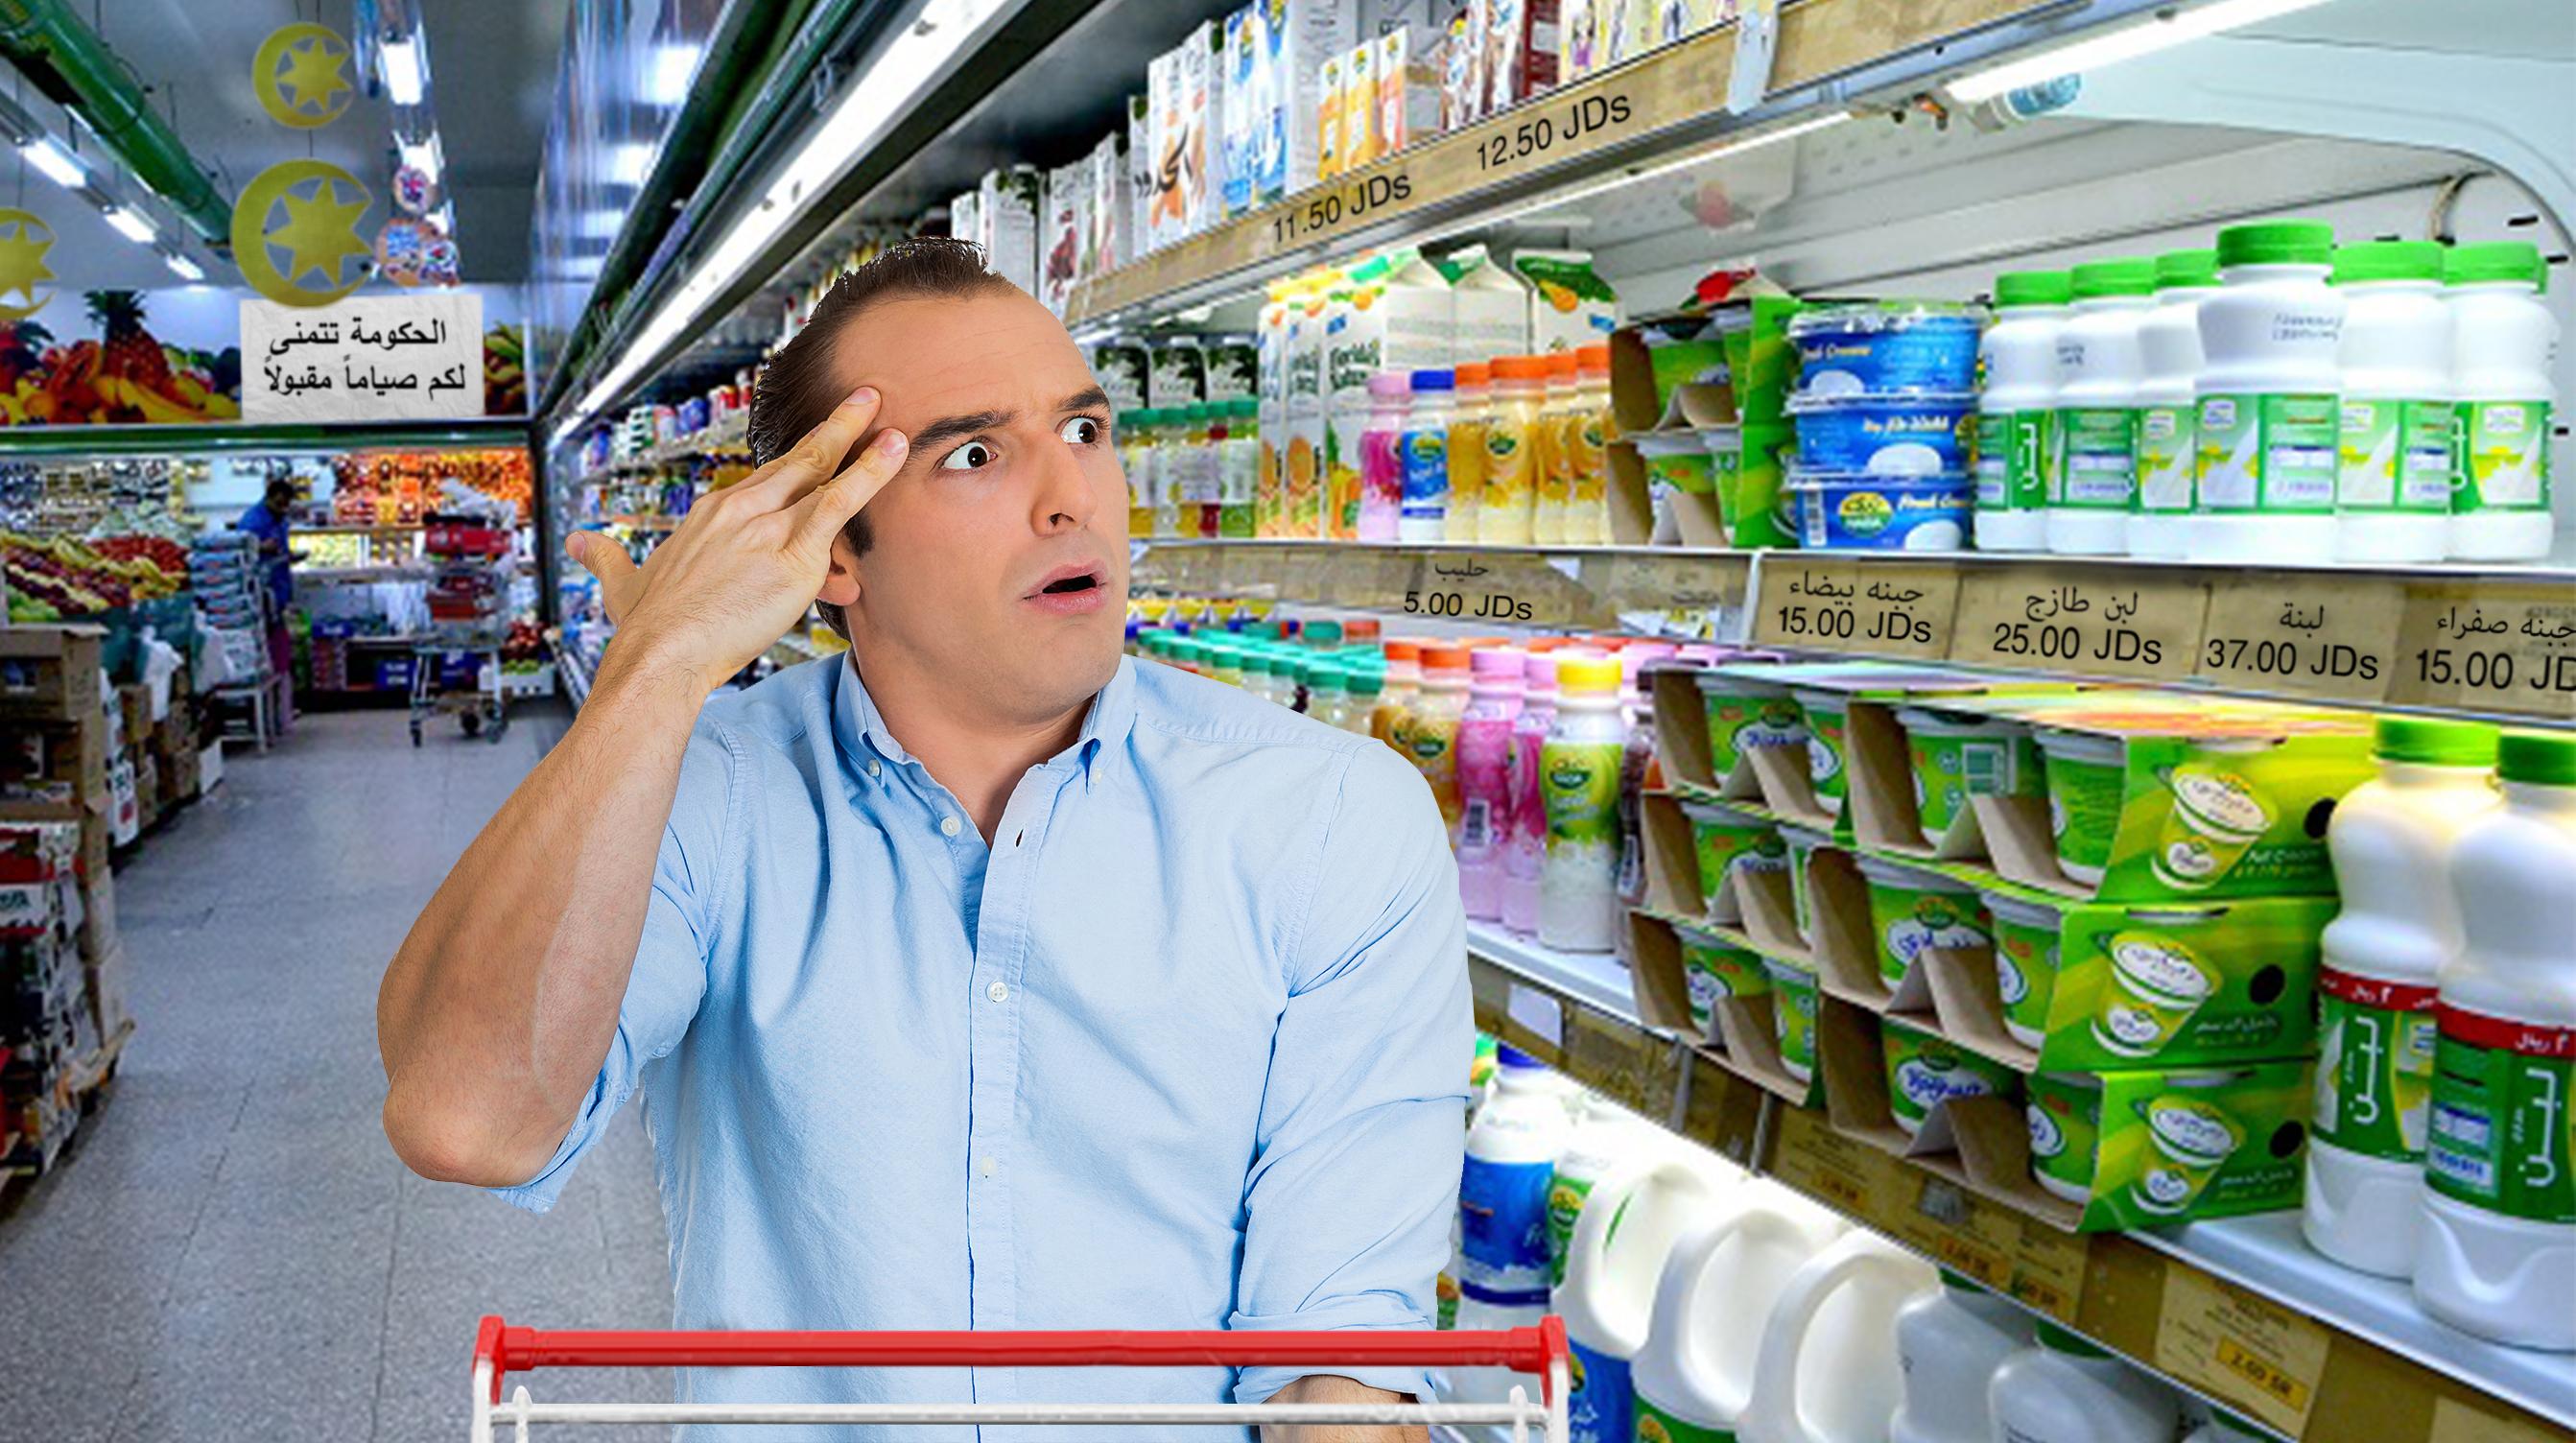 صورة الحكومة ترفع أسعار السلع الغذائيّة لمساعدة المواطنين على الصيام